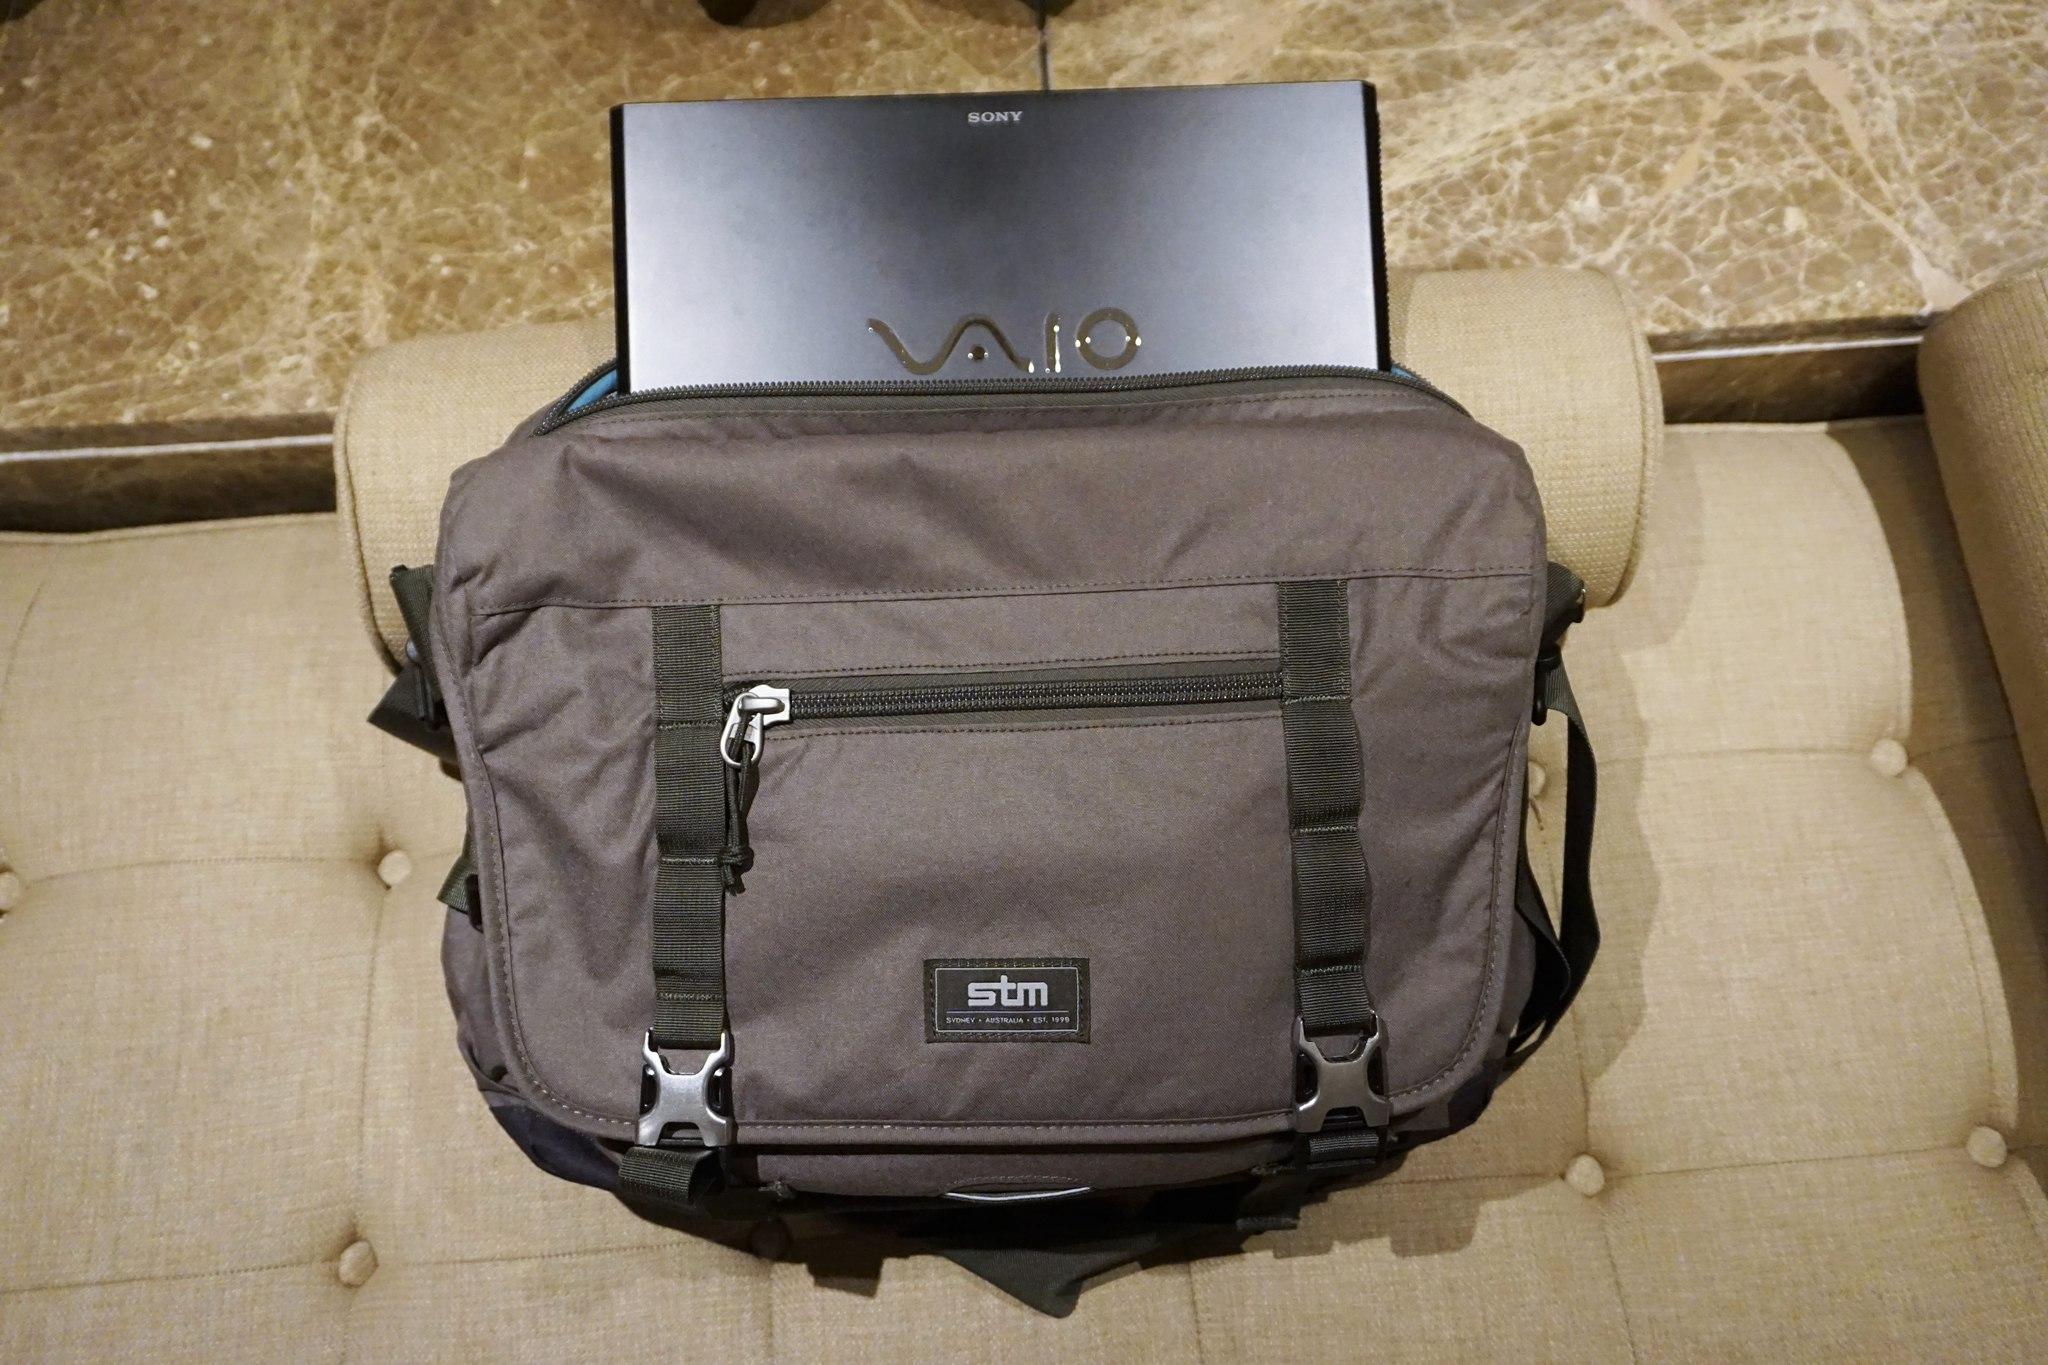 stm-trust-15-inch-laptop-messenger-bag-5